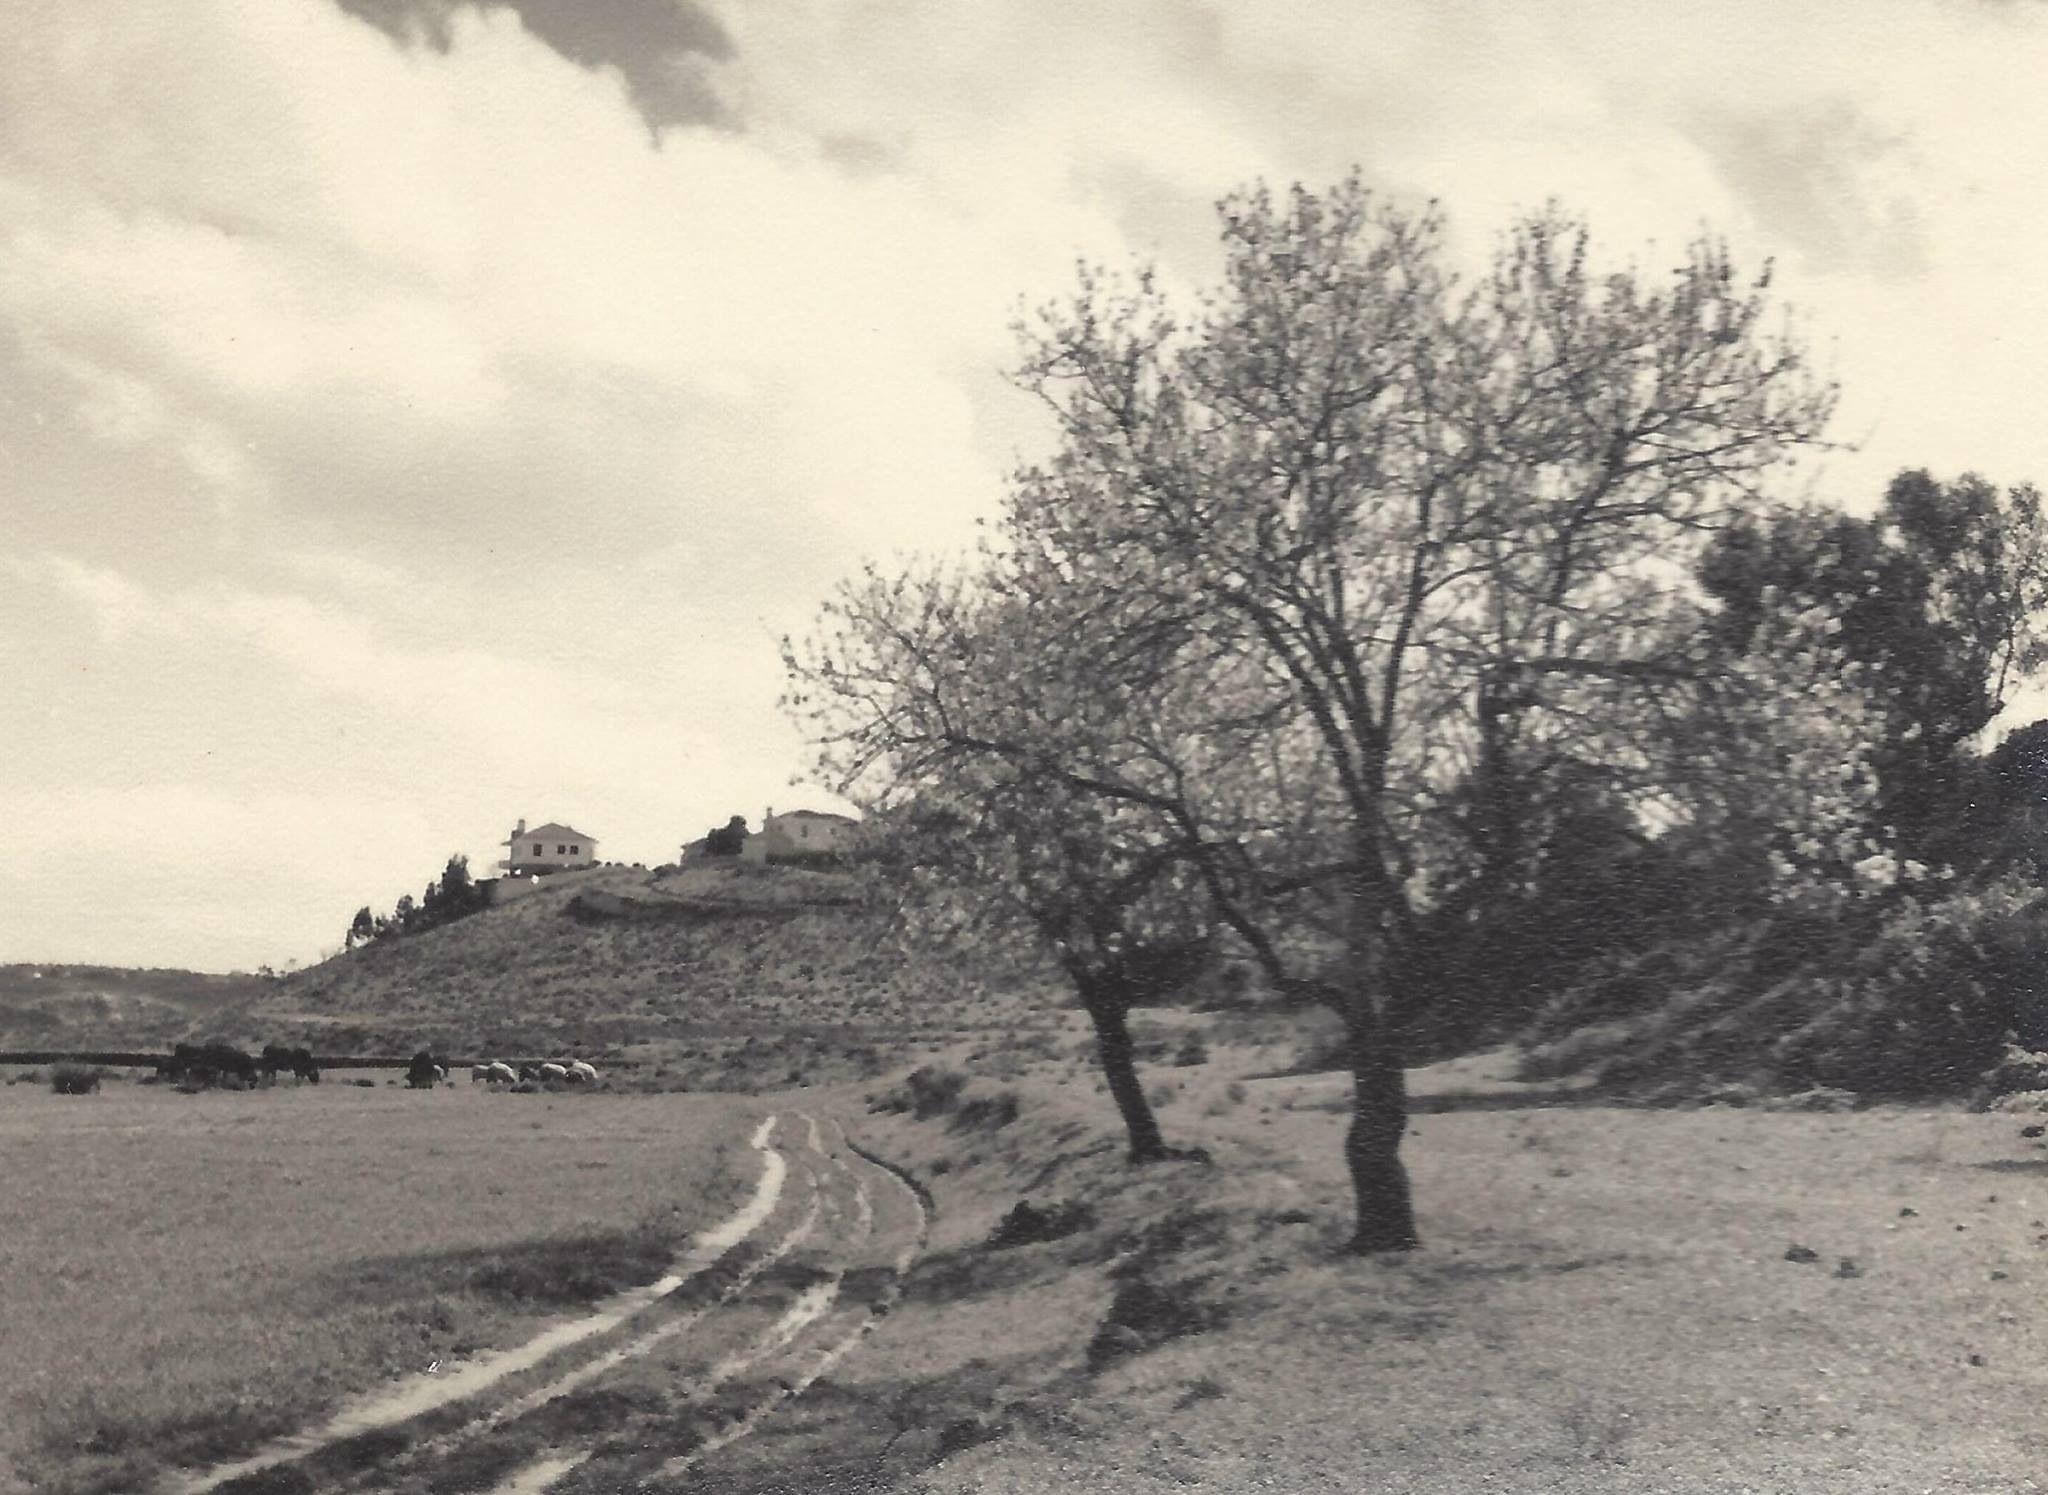 Ponta da areia nos anos 1950